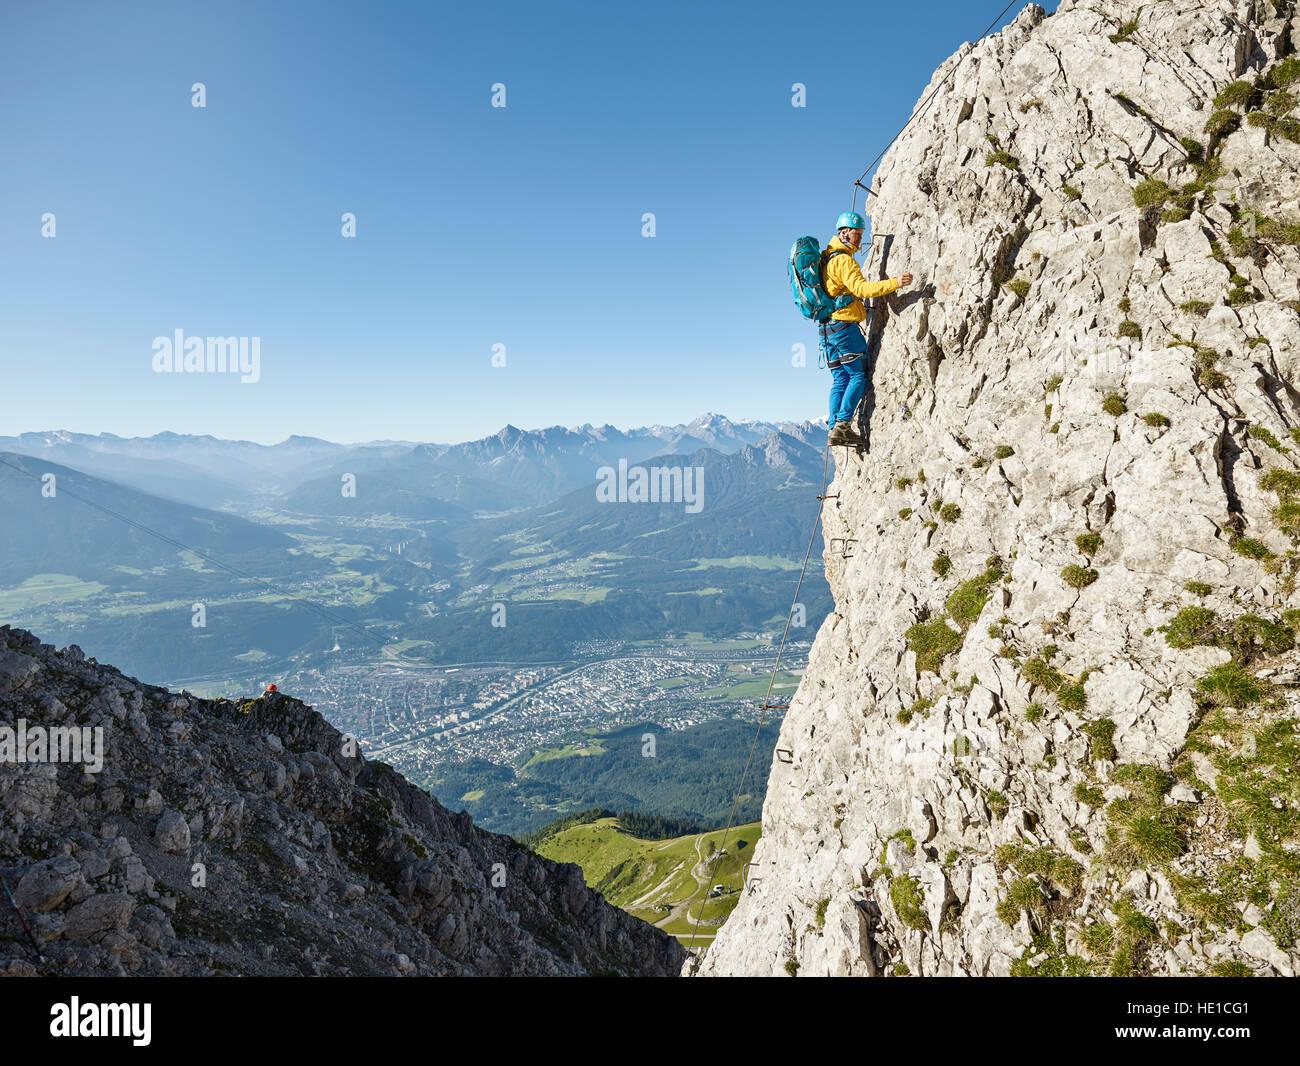 Klettersteig Innsbruck Nordkette : Nordkette klettersteig route bergsteiger befestigt mit